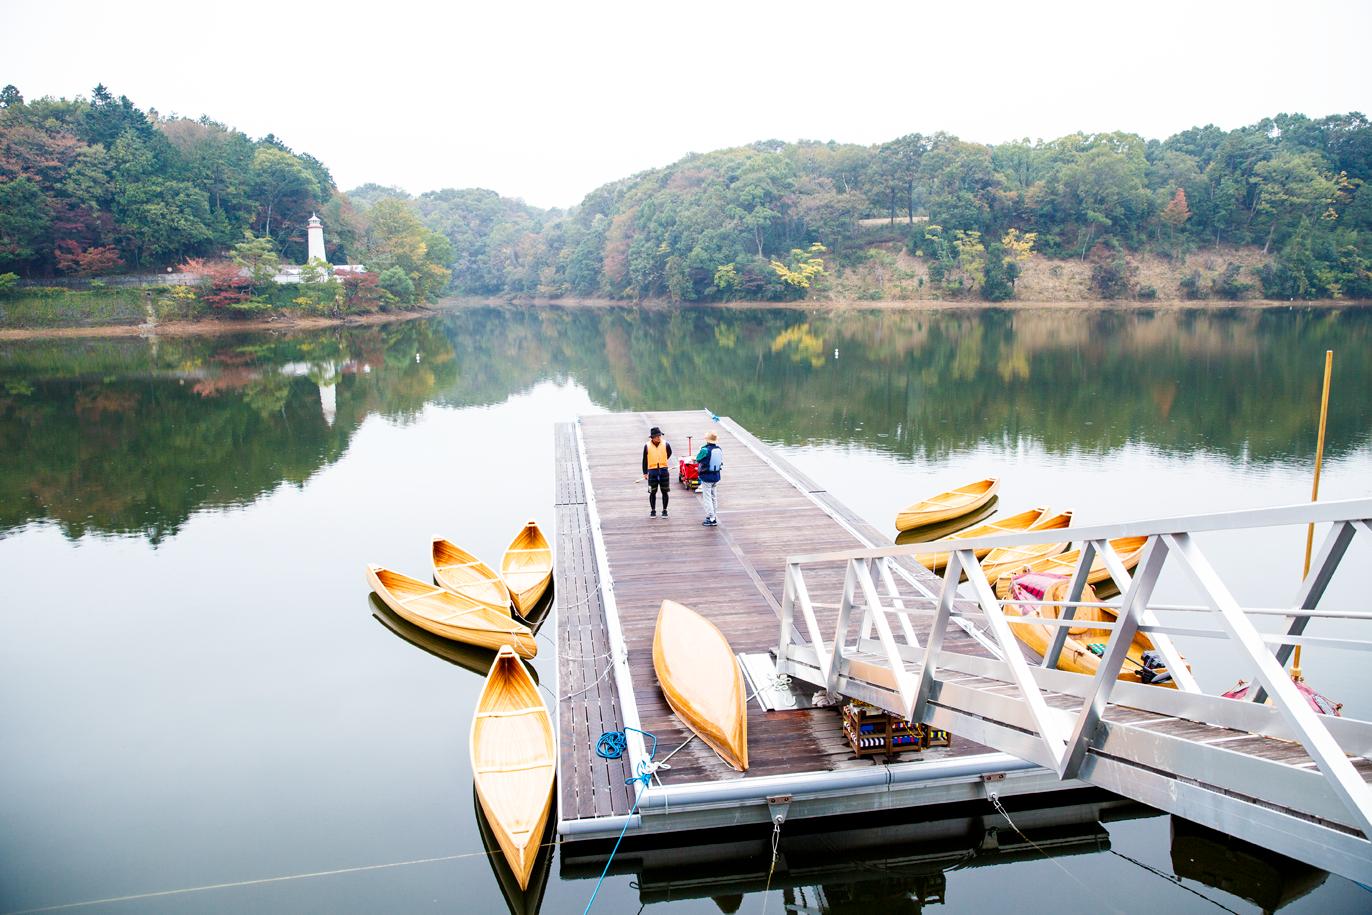 旅行は近場と自然に注目、「新しい日常」を過ごす日本人読者の声